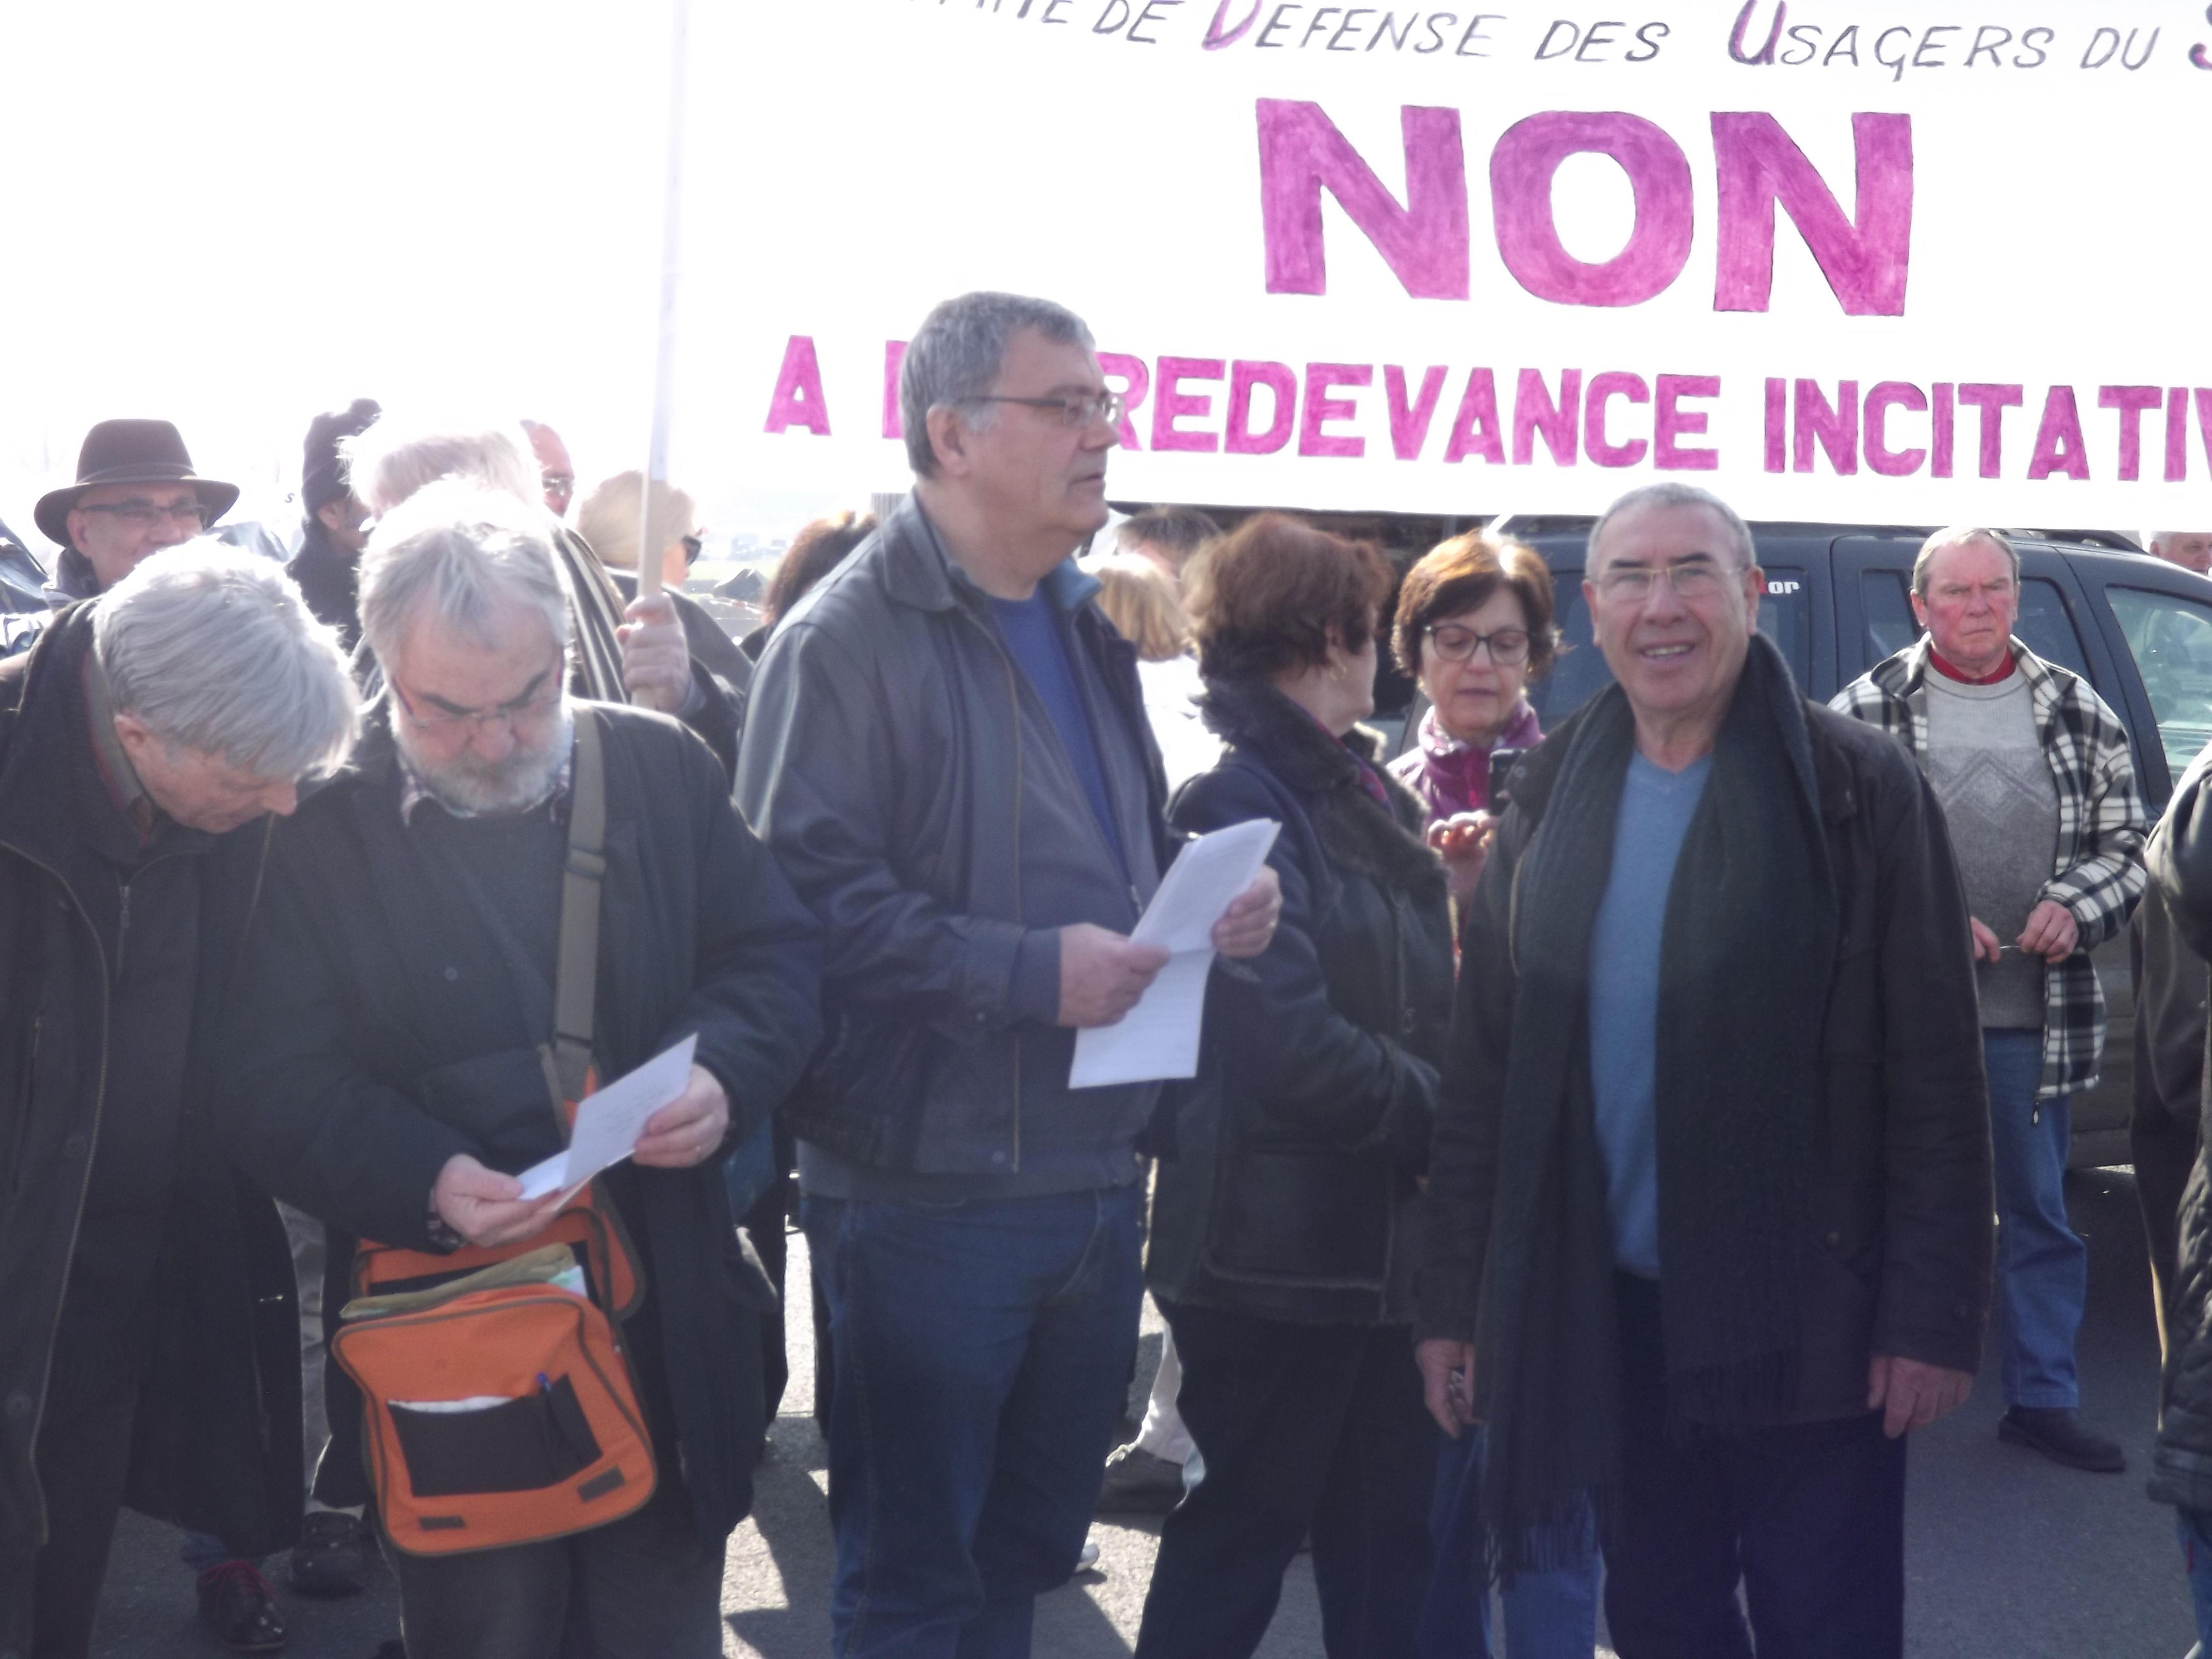 Les 3 responsables du CDU-SBA : MM Dompierre - Darbeau et Cachinero, fiers de cette mobilisation